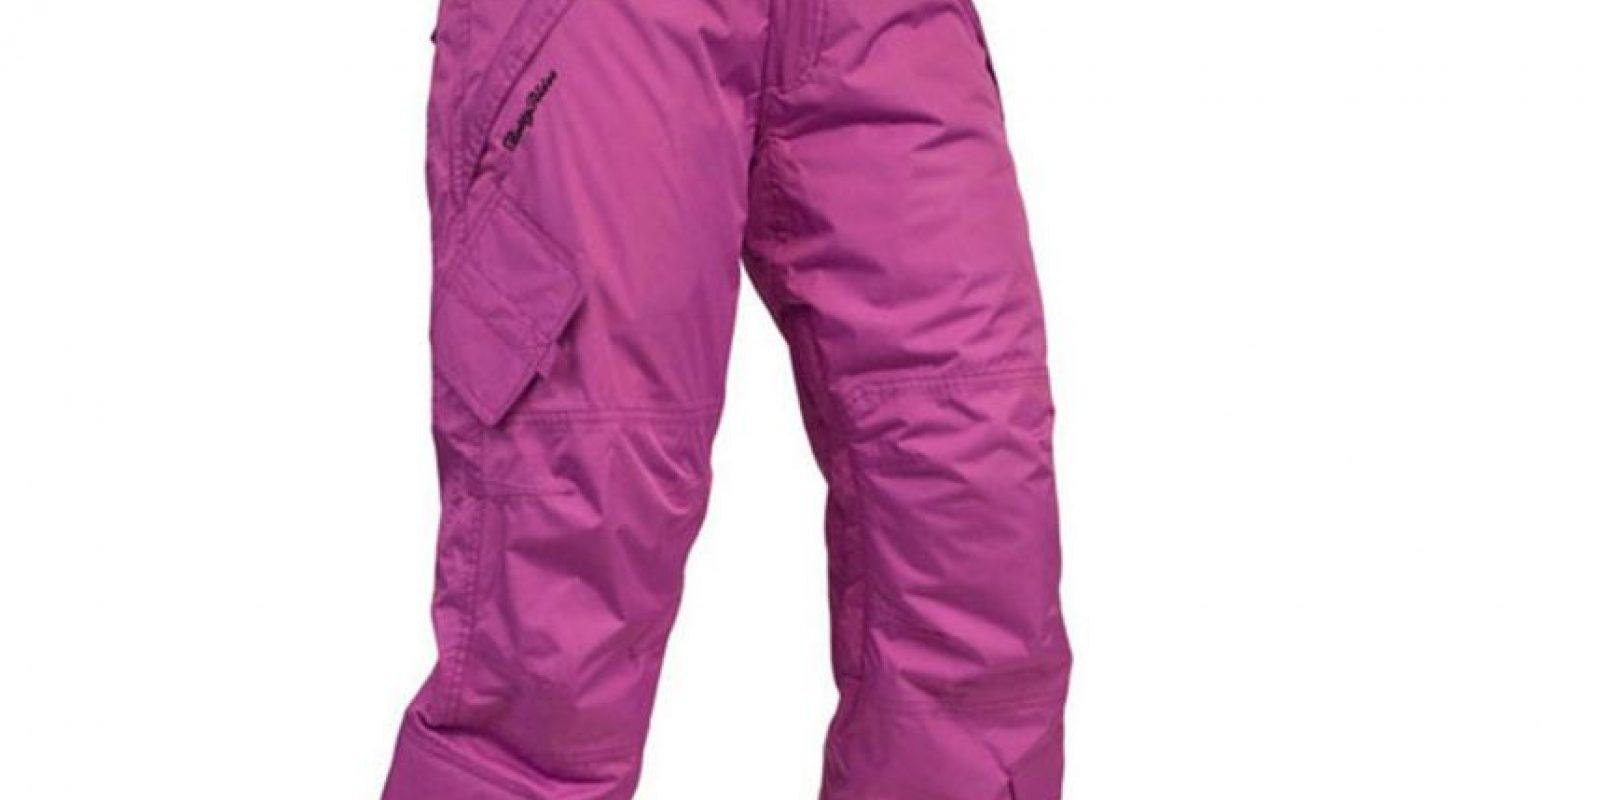 """Los pantalones """"cargo"""", con bolsillos, hicieron furor entre hombres y mujeres. Foto:Evo"""